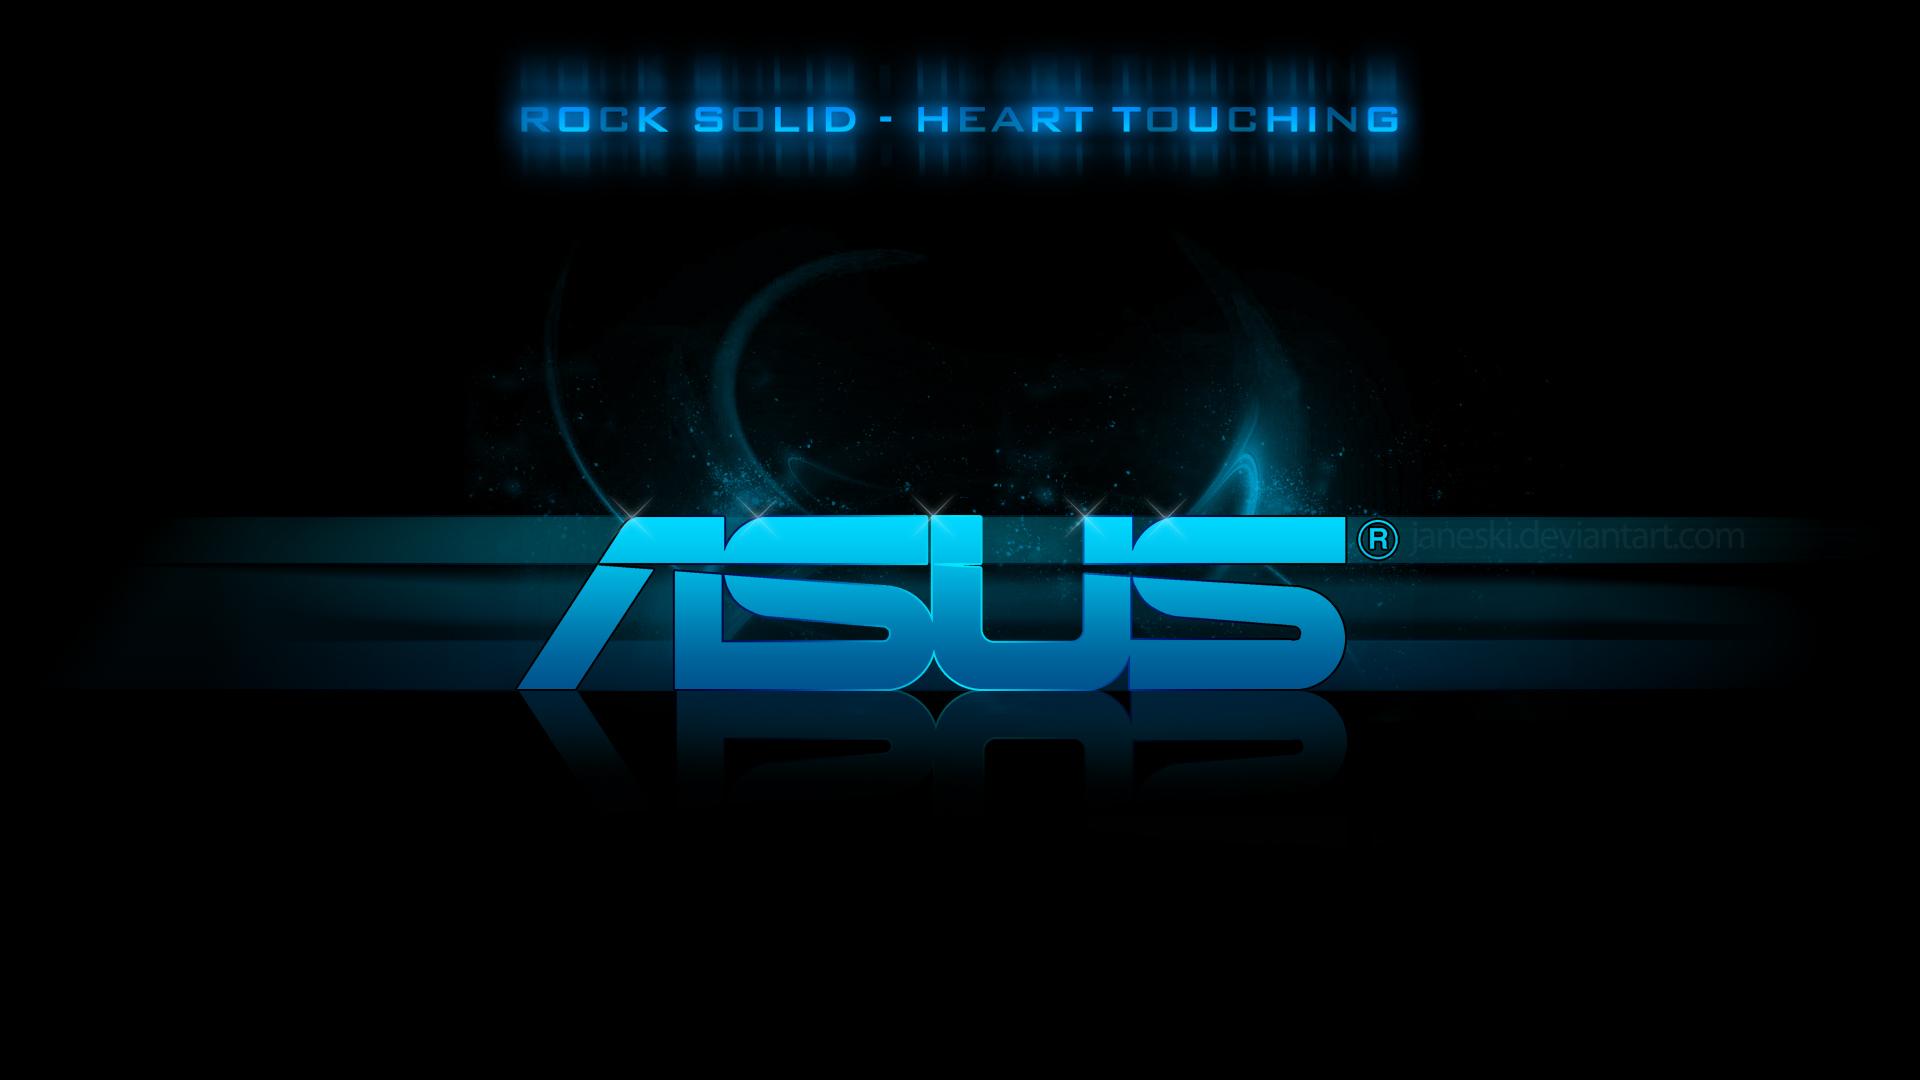 ASUS5611615699 - ASUS - Ubuntu, ASUS